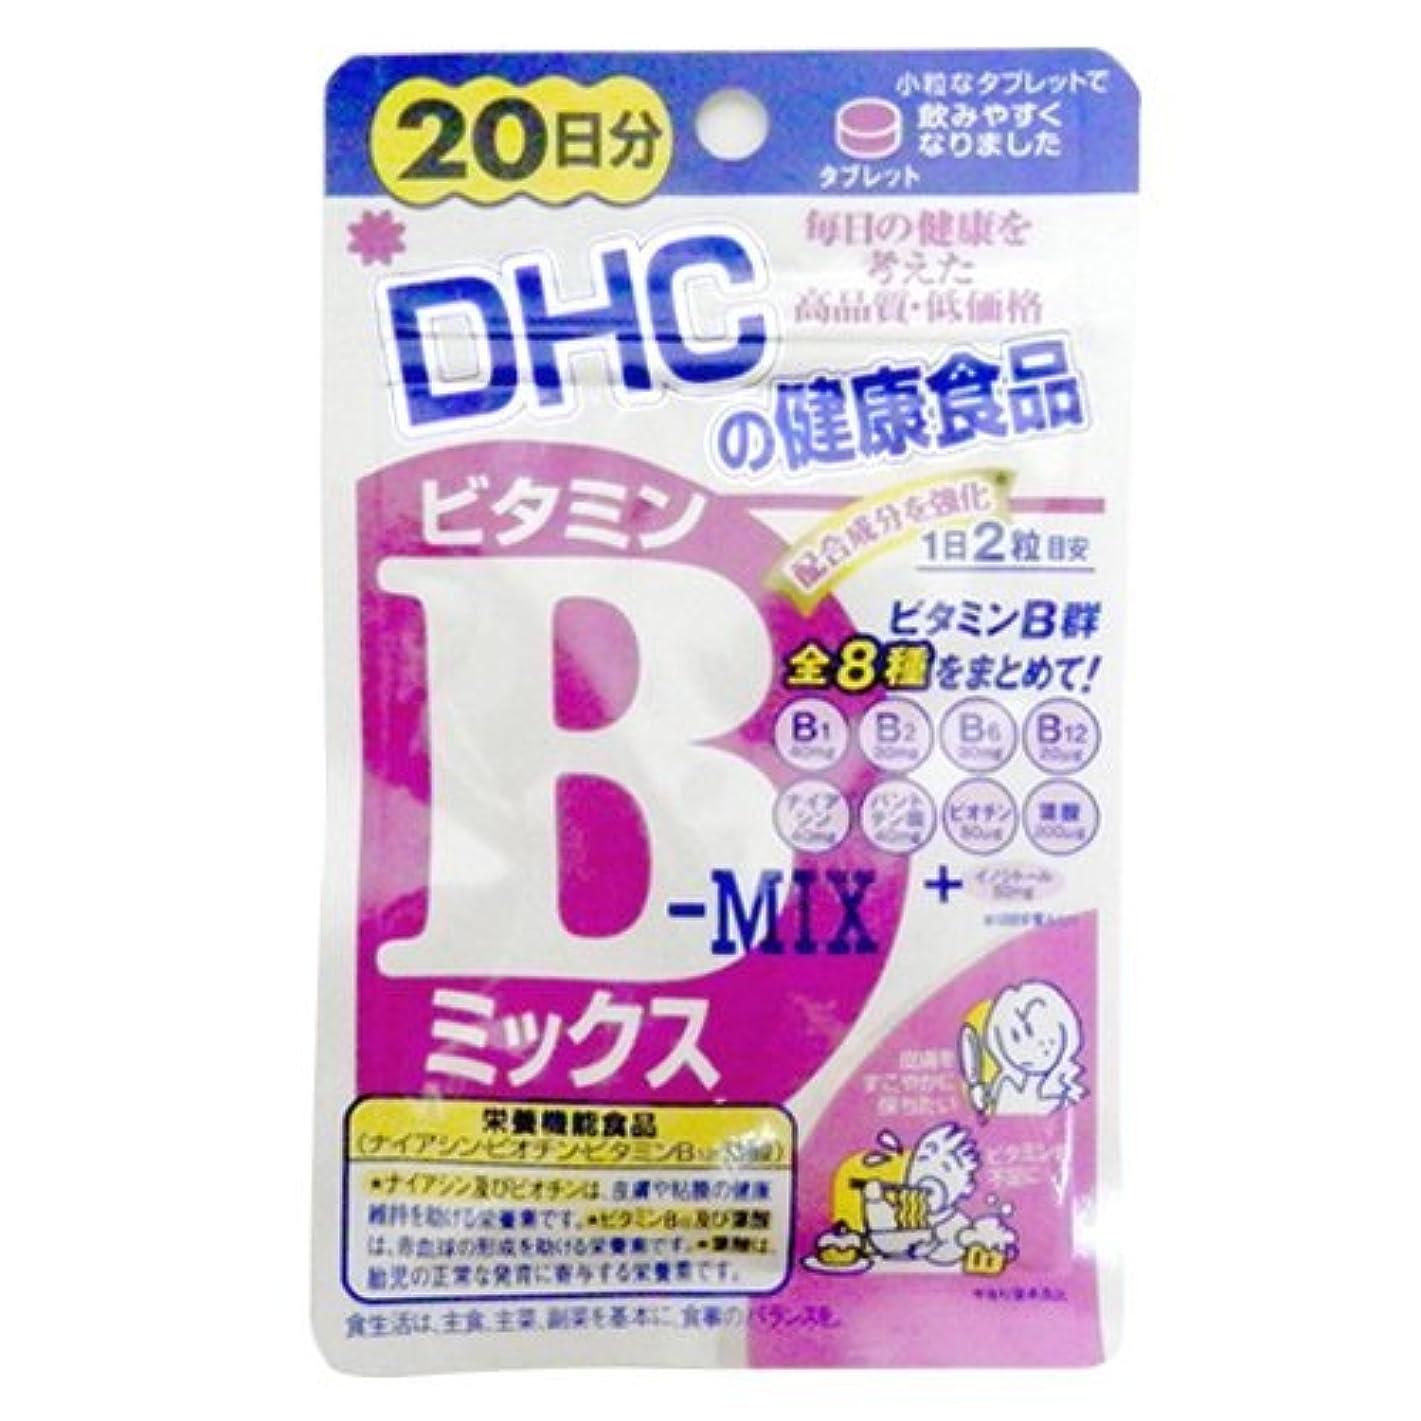 オート生活適切にDHC ビタミンBミックス 20日分 40粒